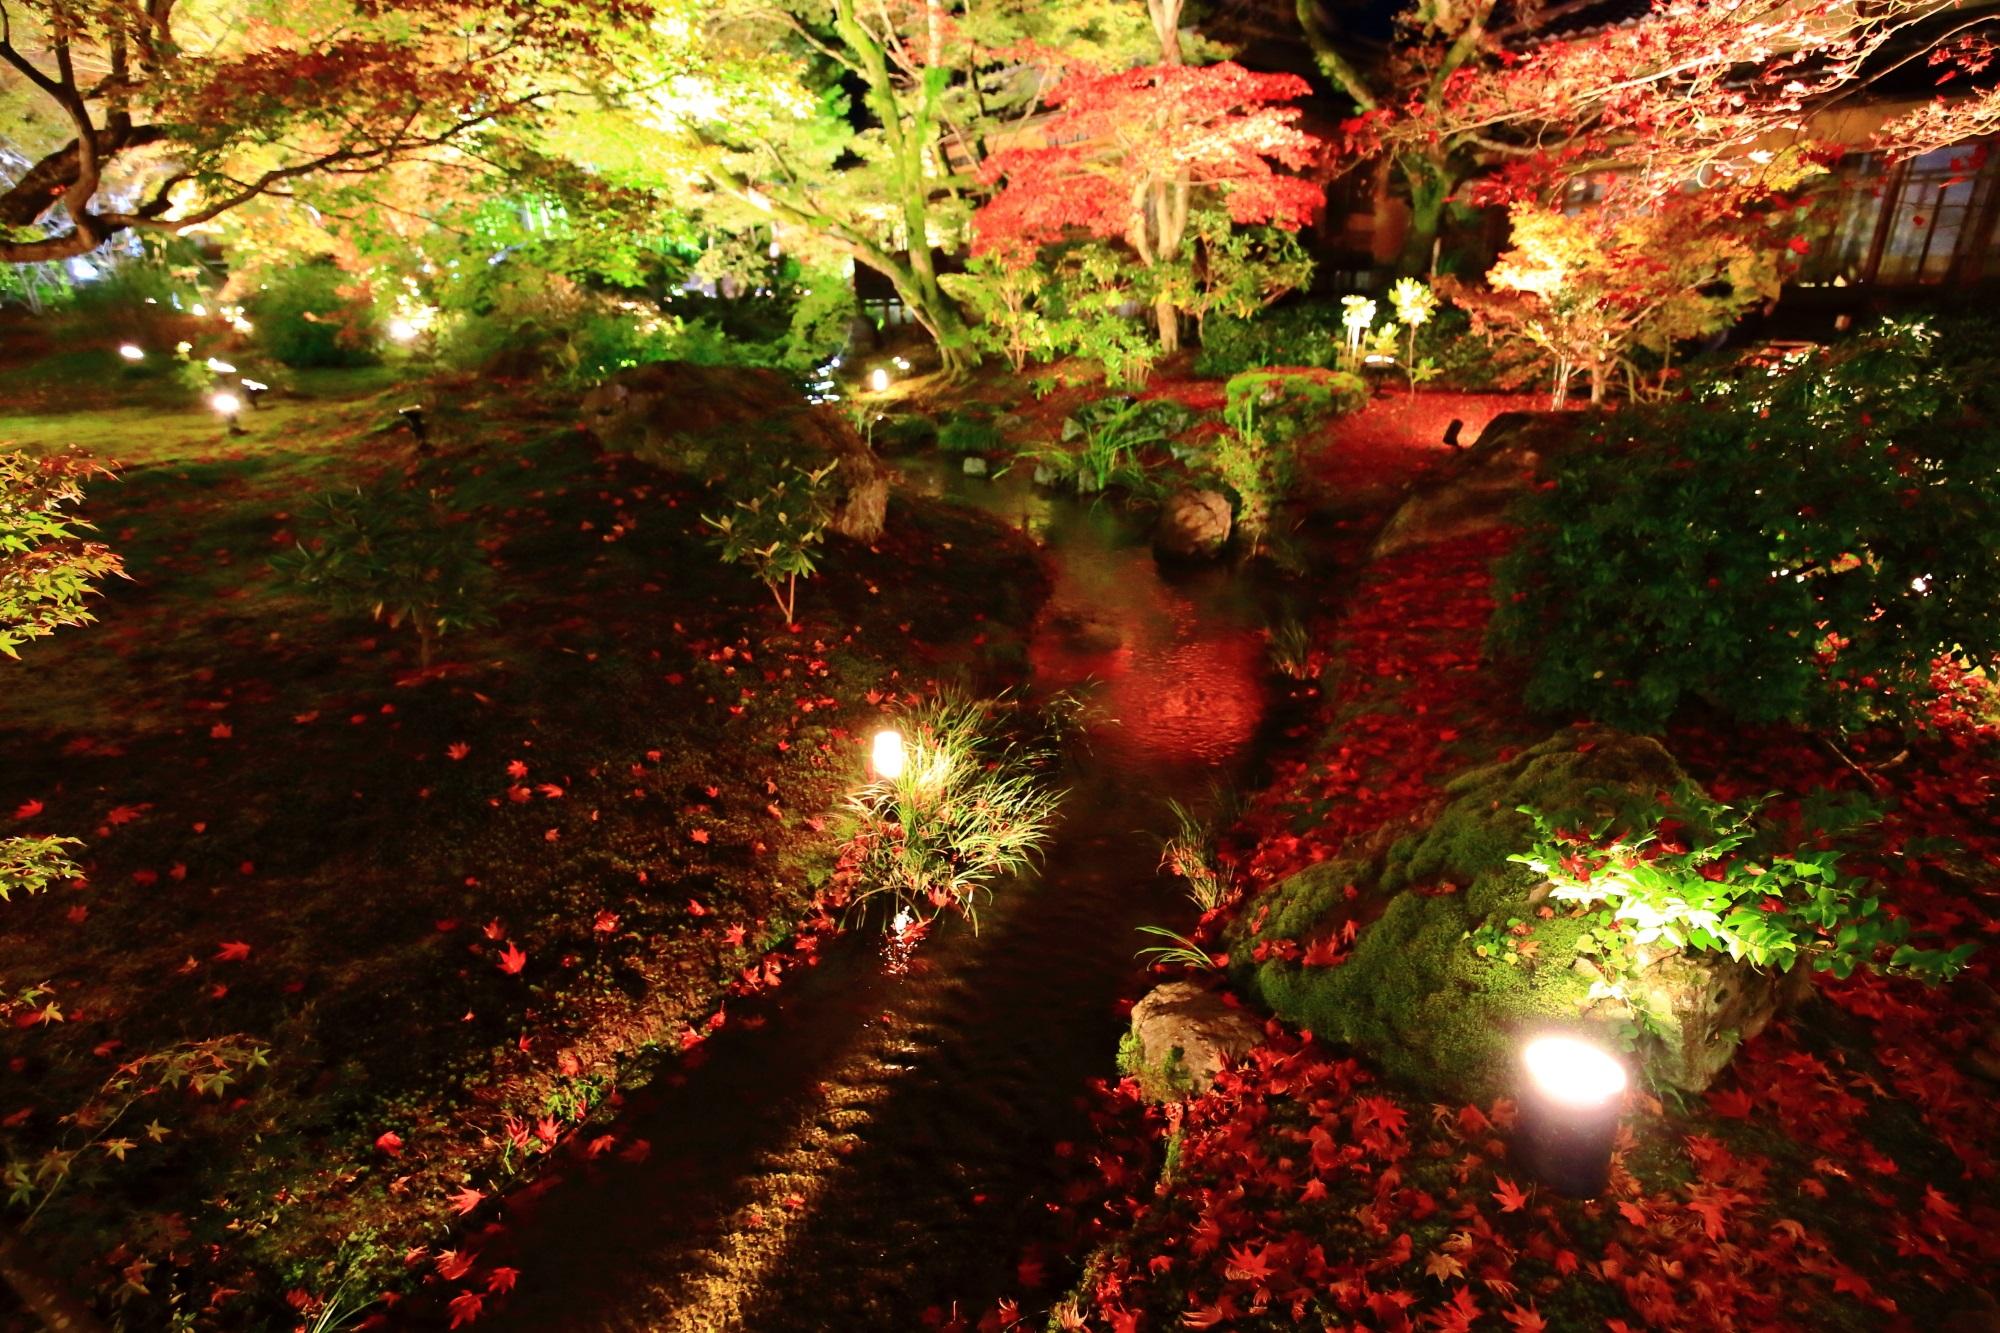 宝厳院の獅子吼の庭の書院前の小川の美しい散りもみじ